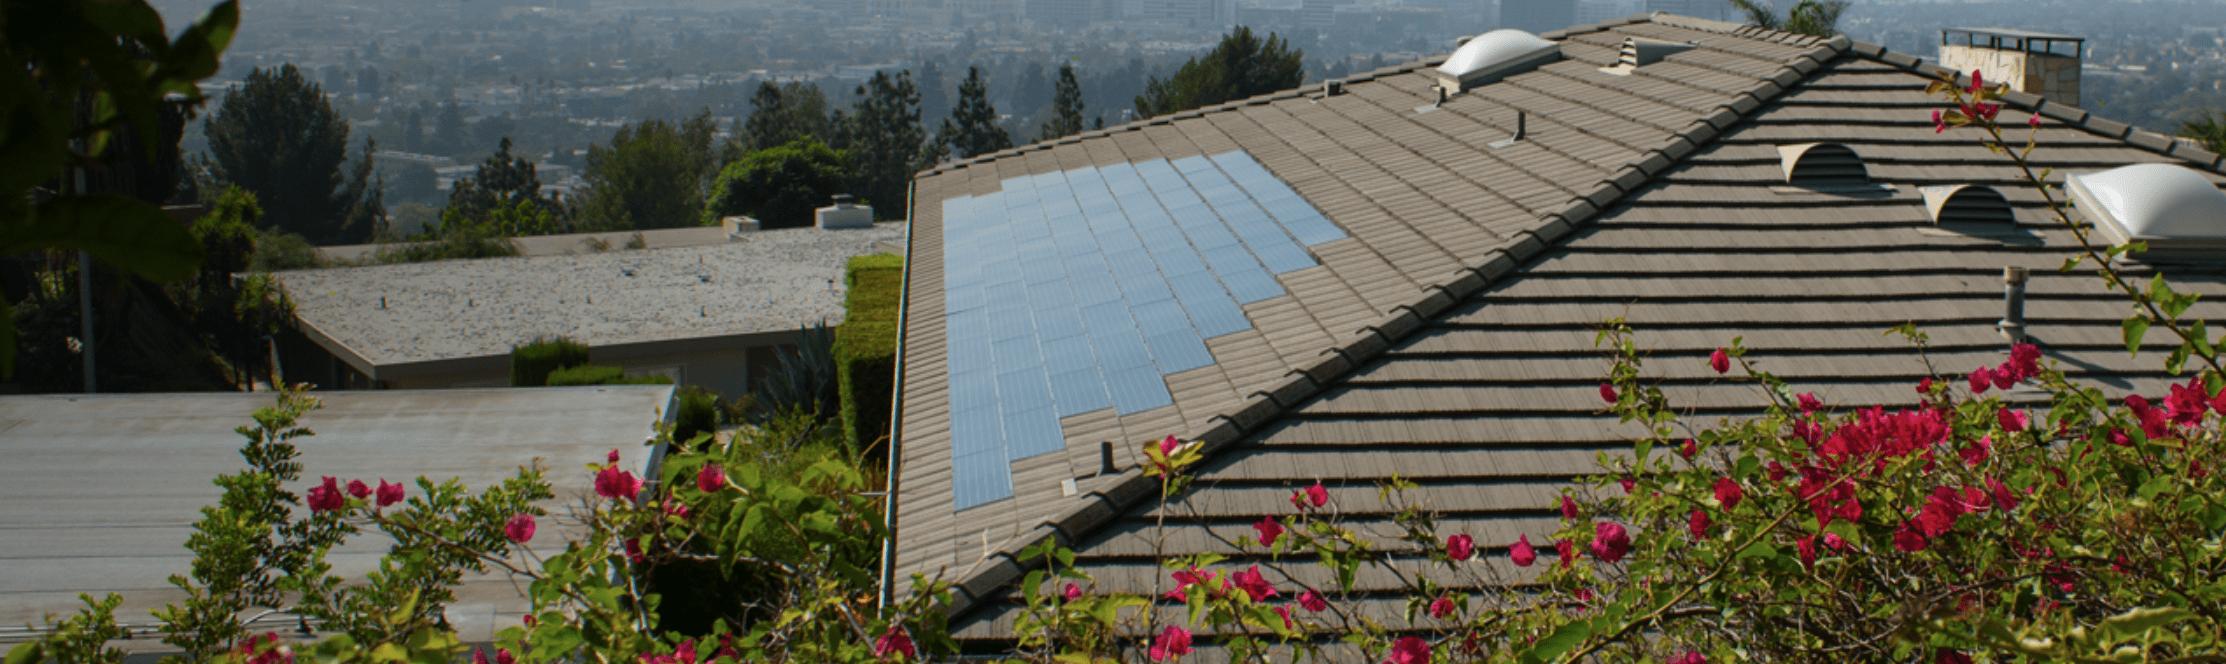 SunTegra Solar Roof Tiles